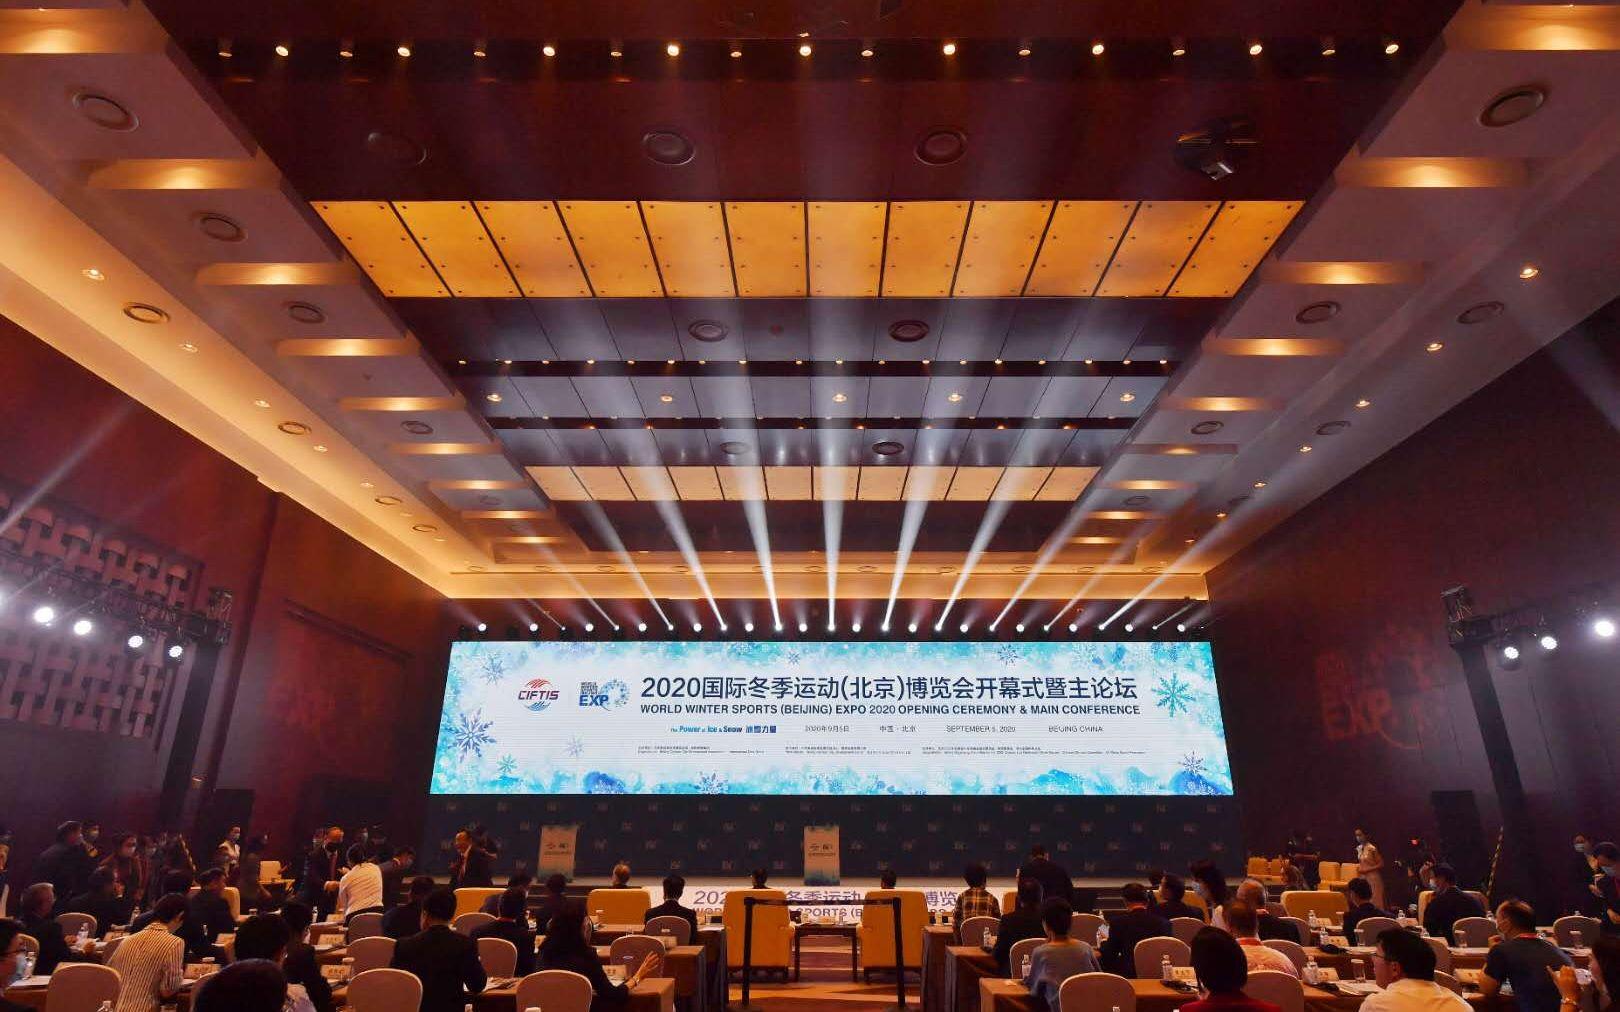 9月5日下午,2020国际冬季运动(北京)博览会开幕式暨主论坛在国家会议中心召开。摄影/新京报记者 李木易